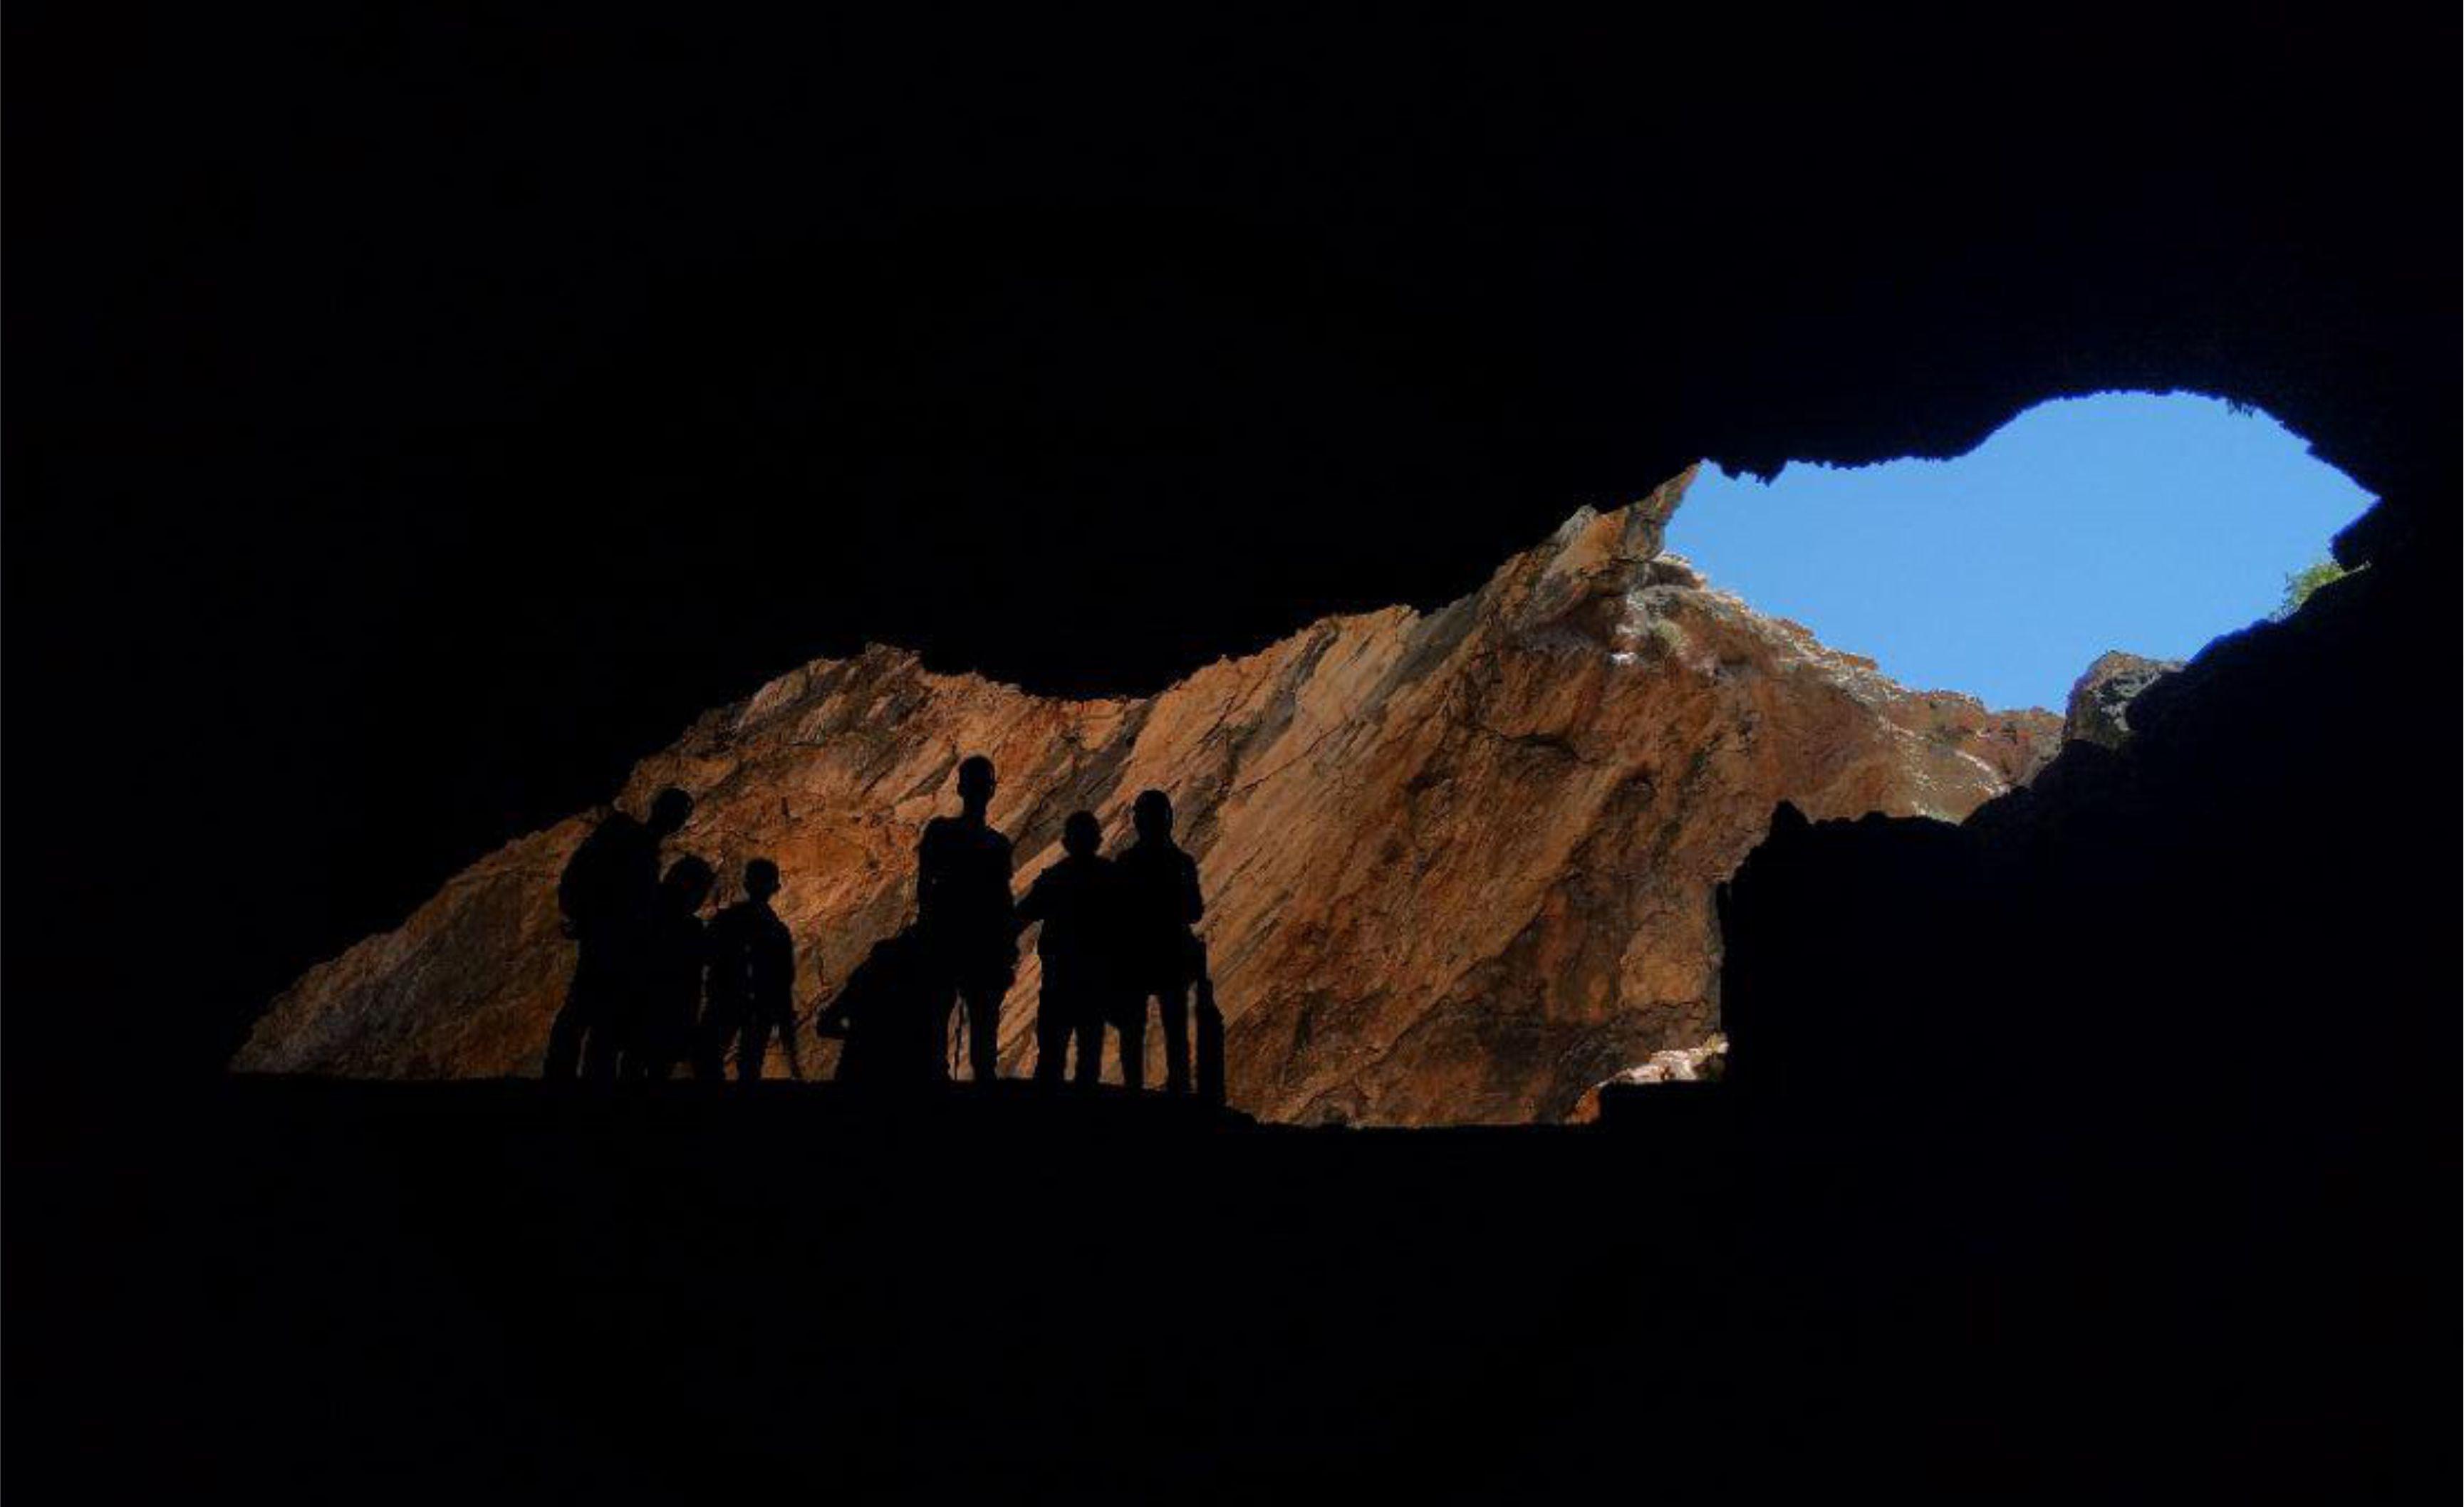 غار بورنیک زیر گوش تهران از جاذبه های طبیعی بی نظیر + تصاویر